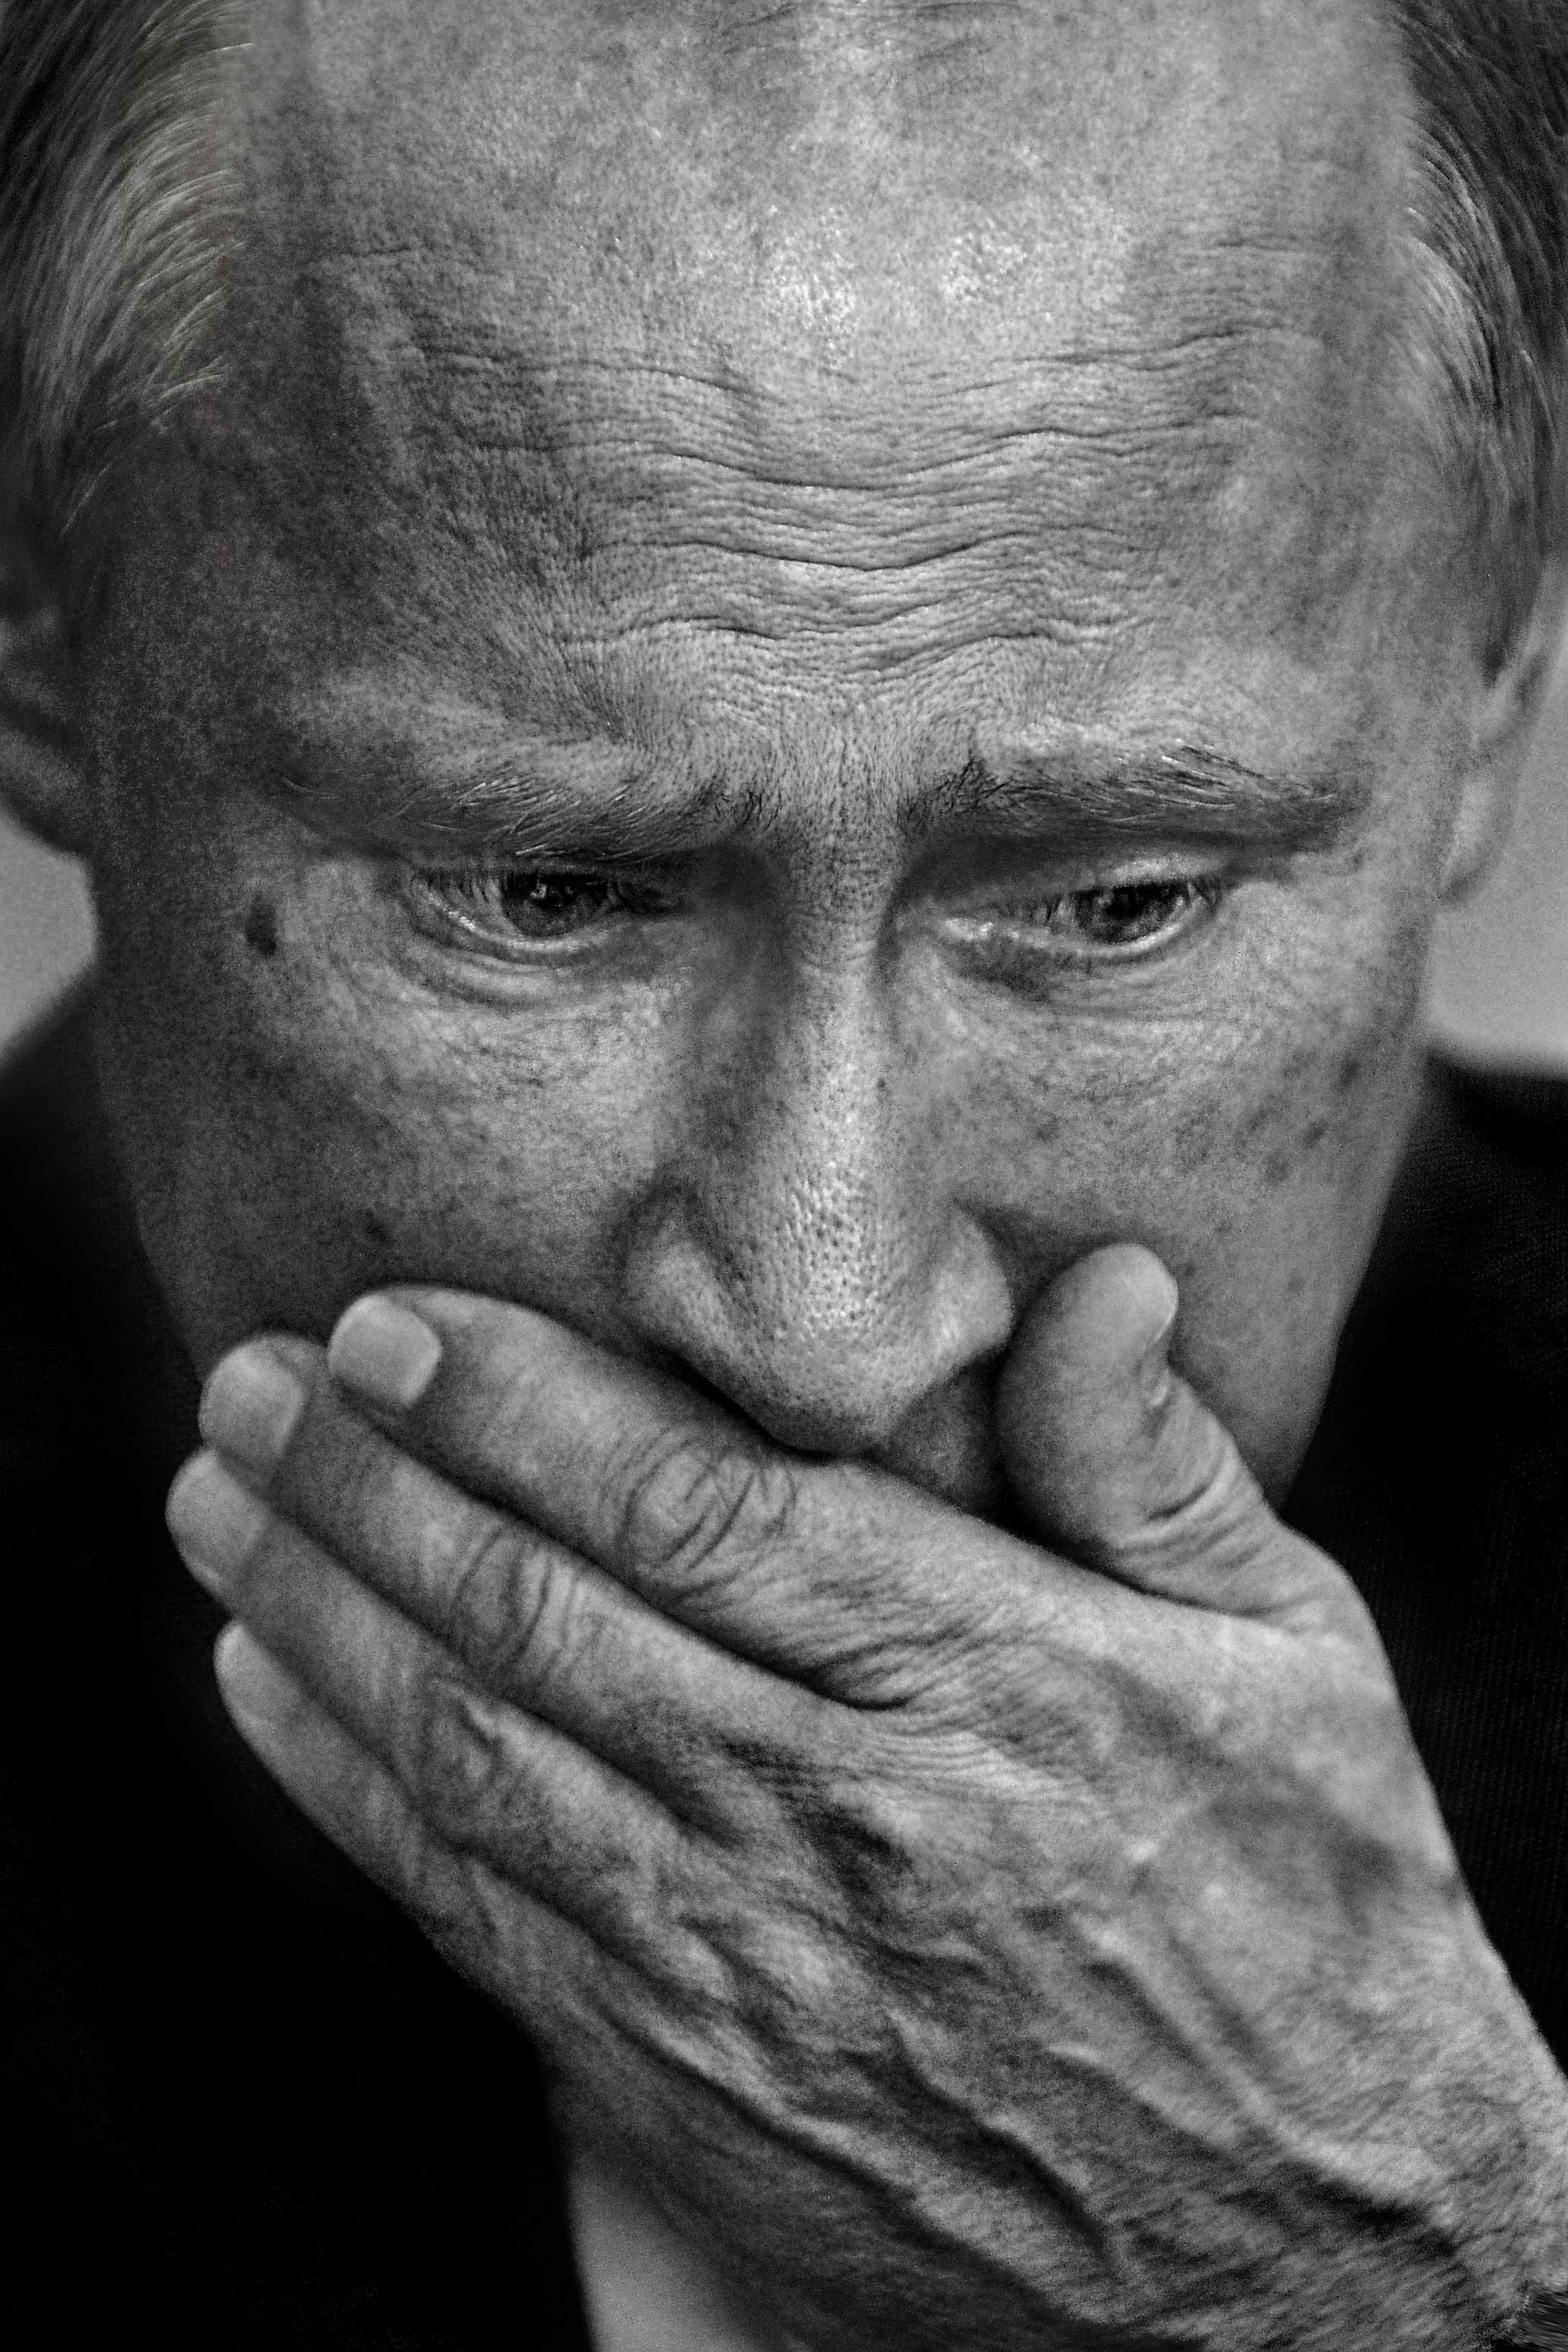 """""""Гитлер никогда особенно не интересовался тем, чтобы обогатиться"""", - Бжезинский о Путине и санкциях - Цензор.НЕТ 9184"""